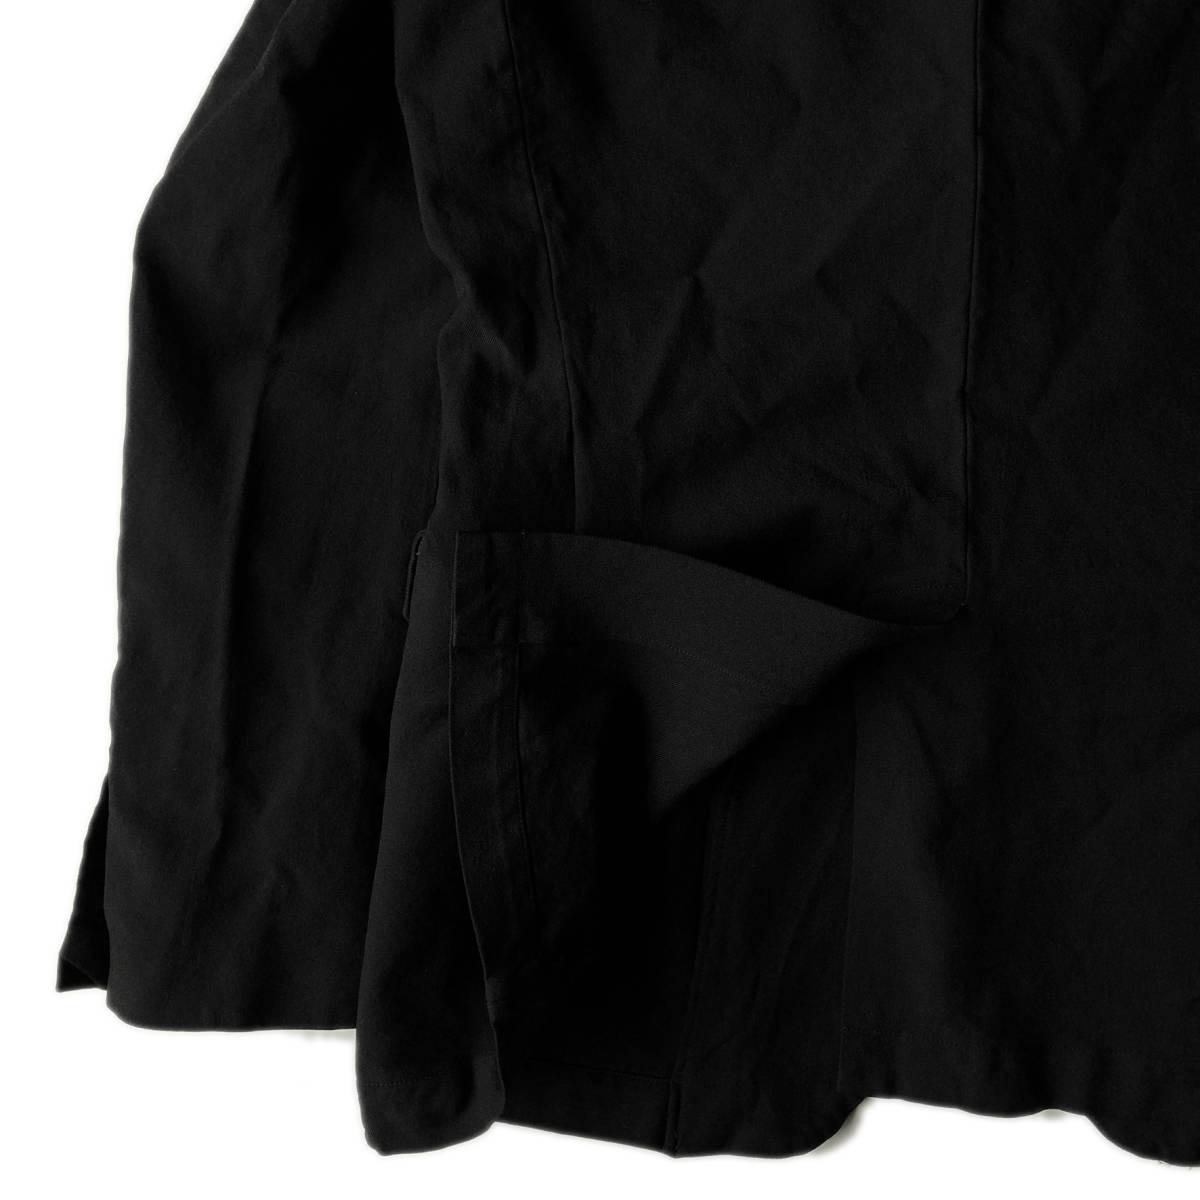 AD2009 BLACK COMME des GARCONS ブラックコムデギャルソン ポリ縮 ジャケット ブラック ポリエステル縮絨 黒 M ※セットアップPTも出品中_画像7